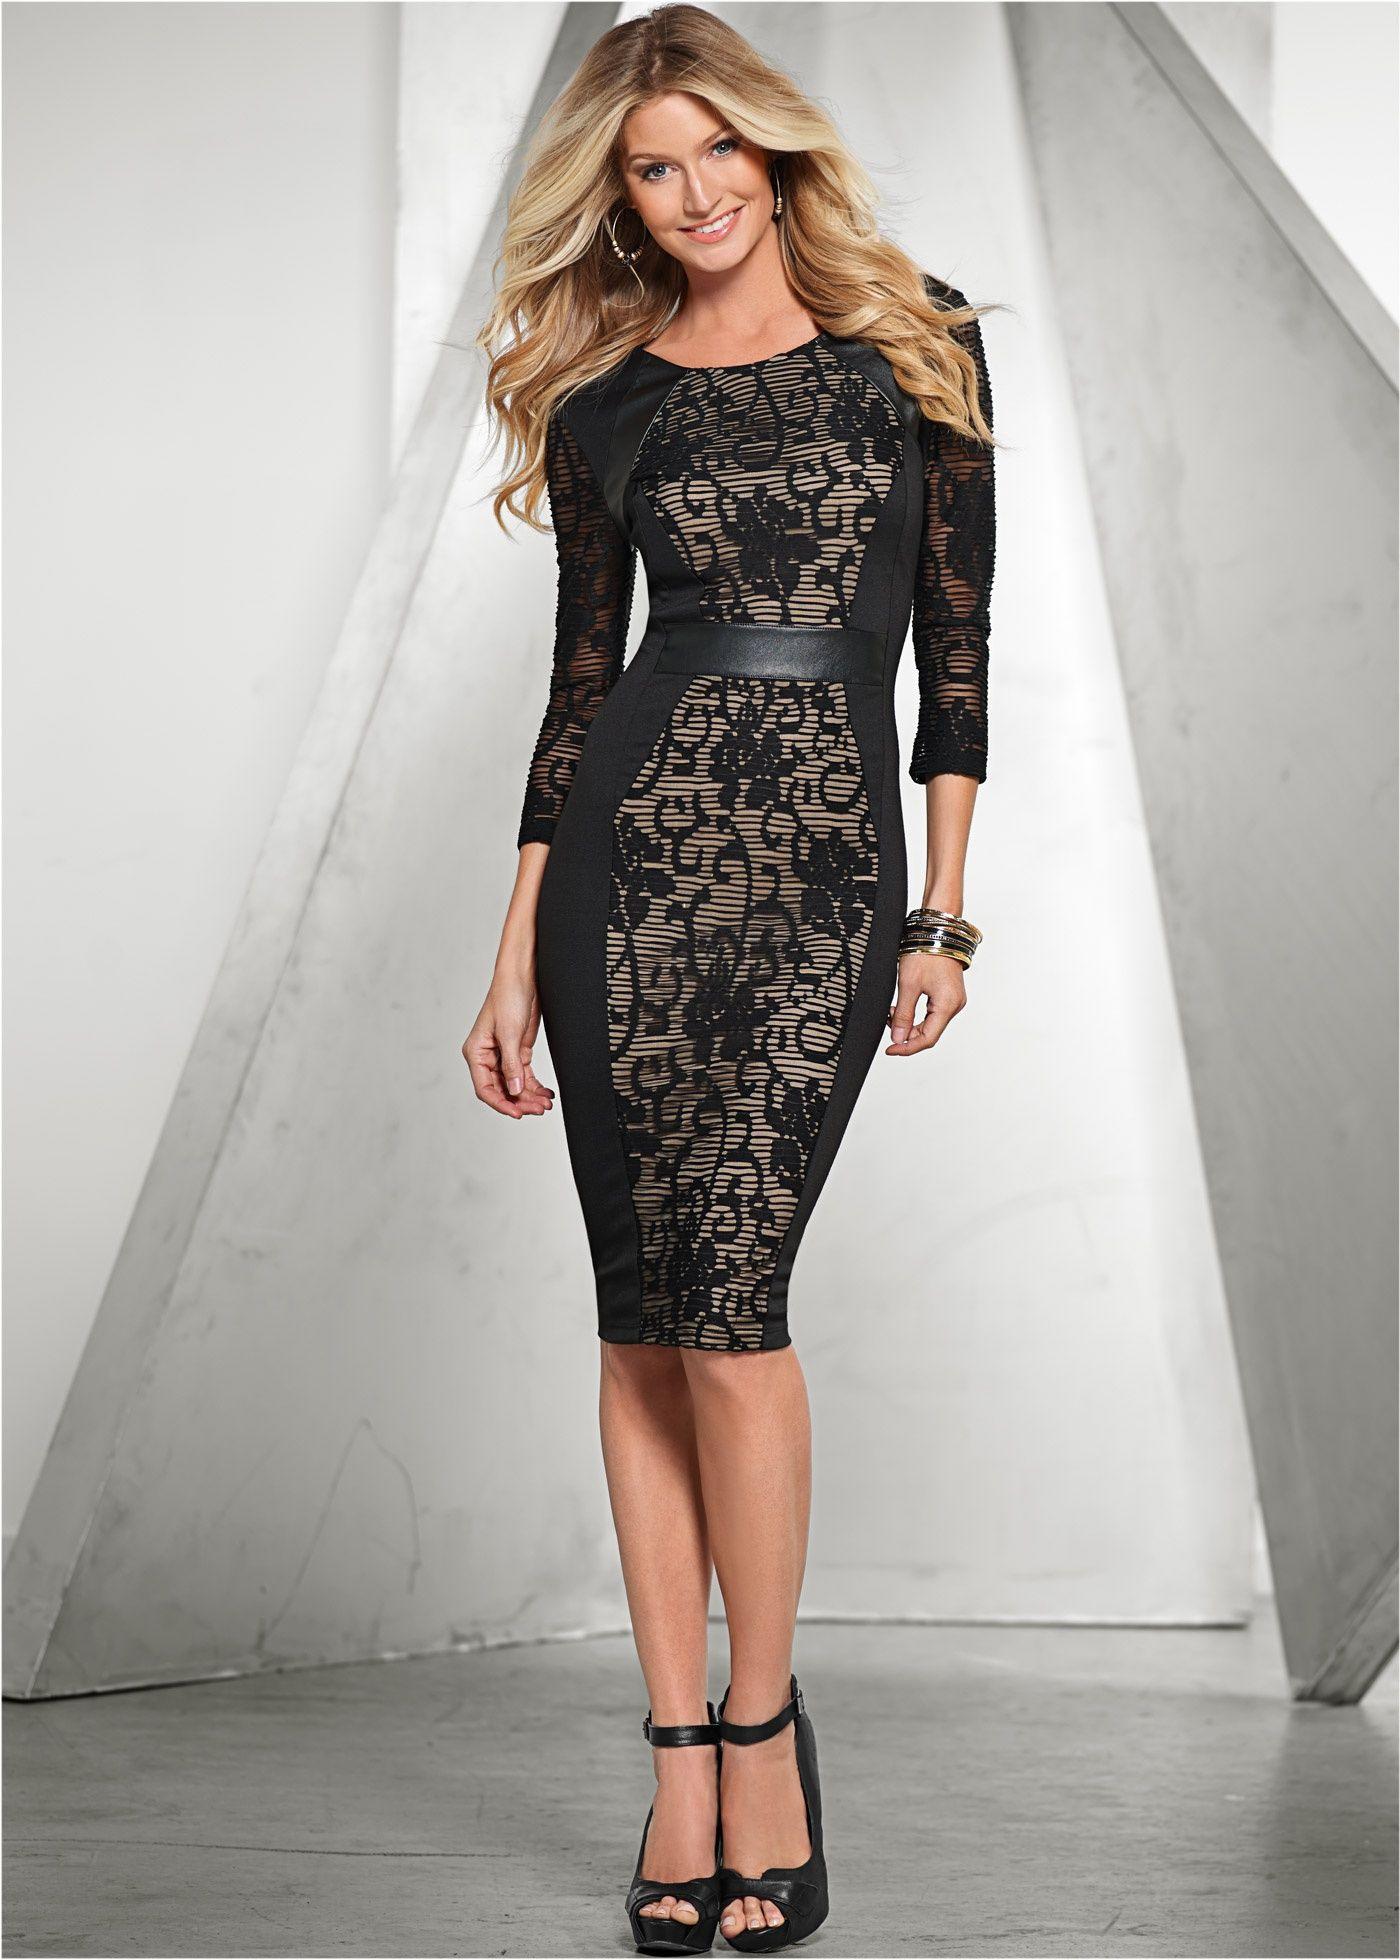 Kleid Mit 3/4Ärmeln Schwarz  Bodyflirt Boutique Jetzt Im